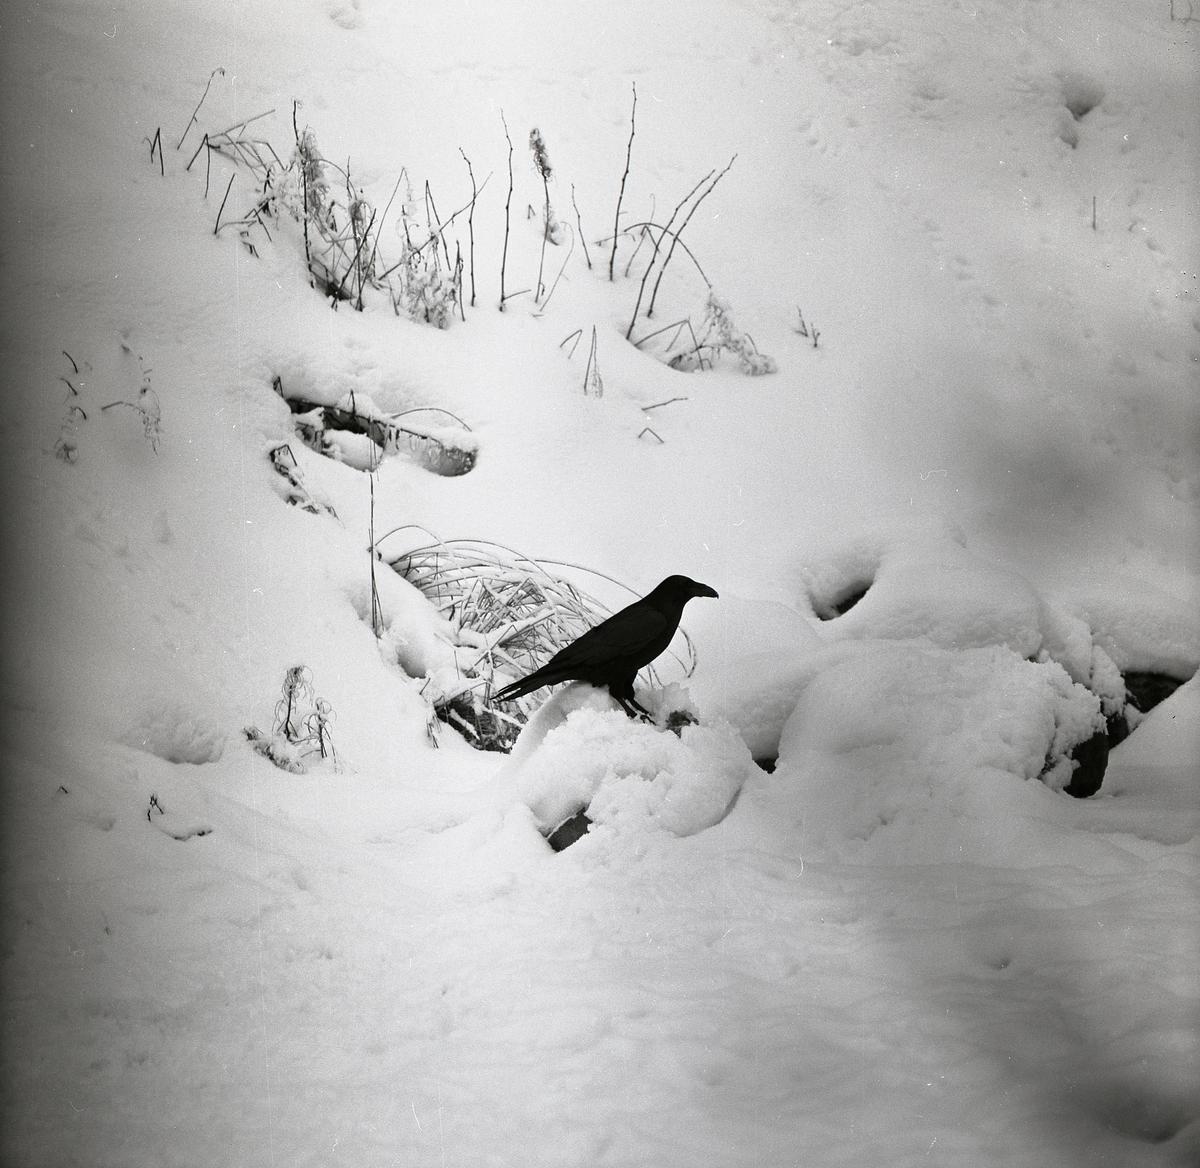 En korp sitter i snön vid några kvistar och gräs 1961-1962.